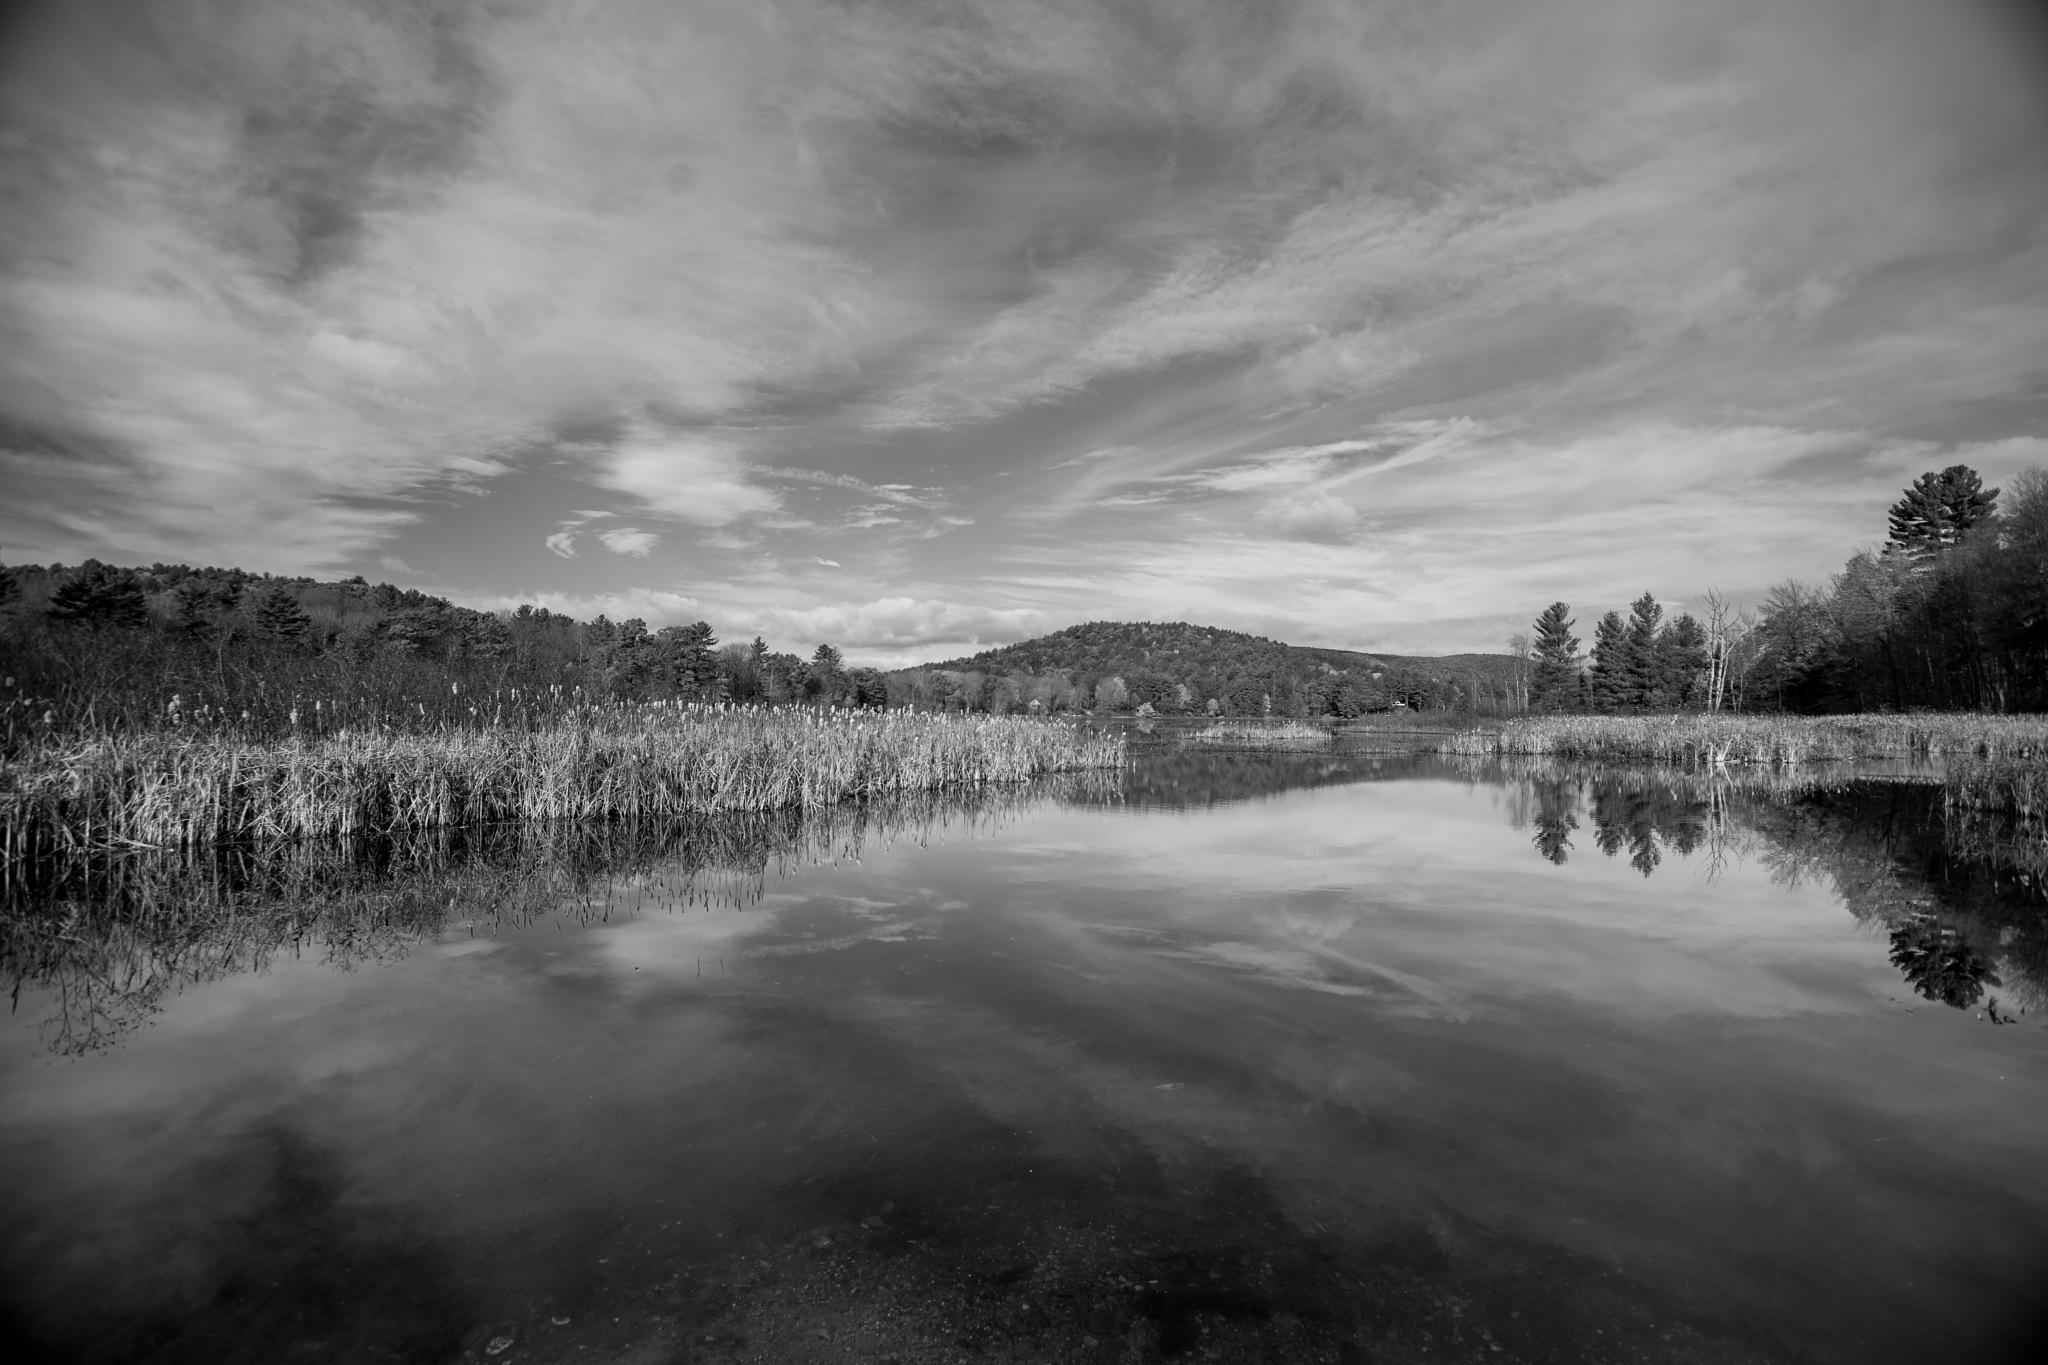 Leverett Pond by Ryan Willey